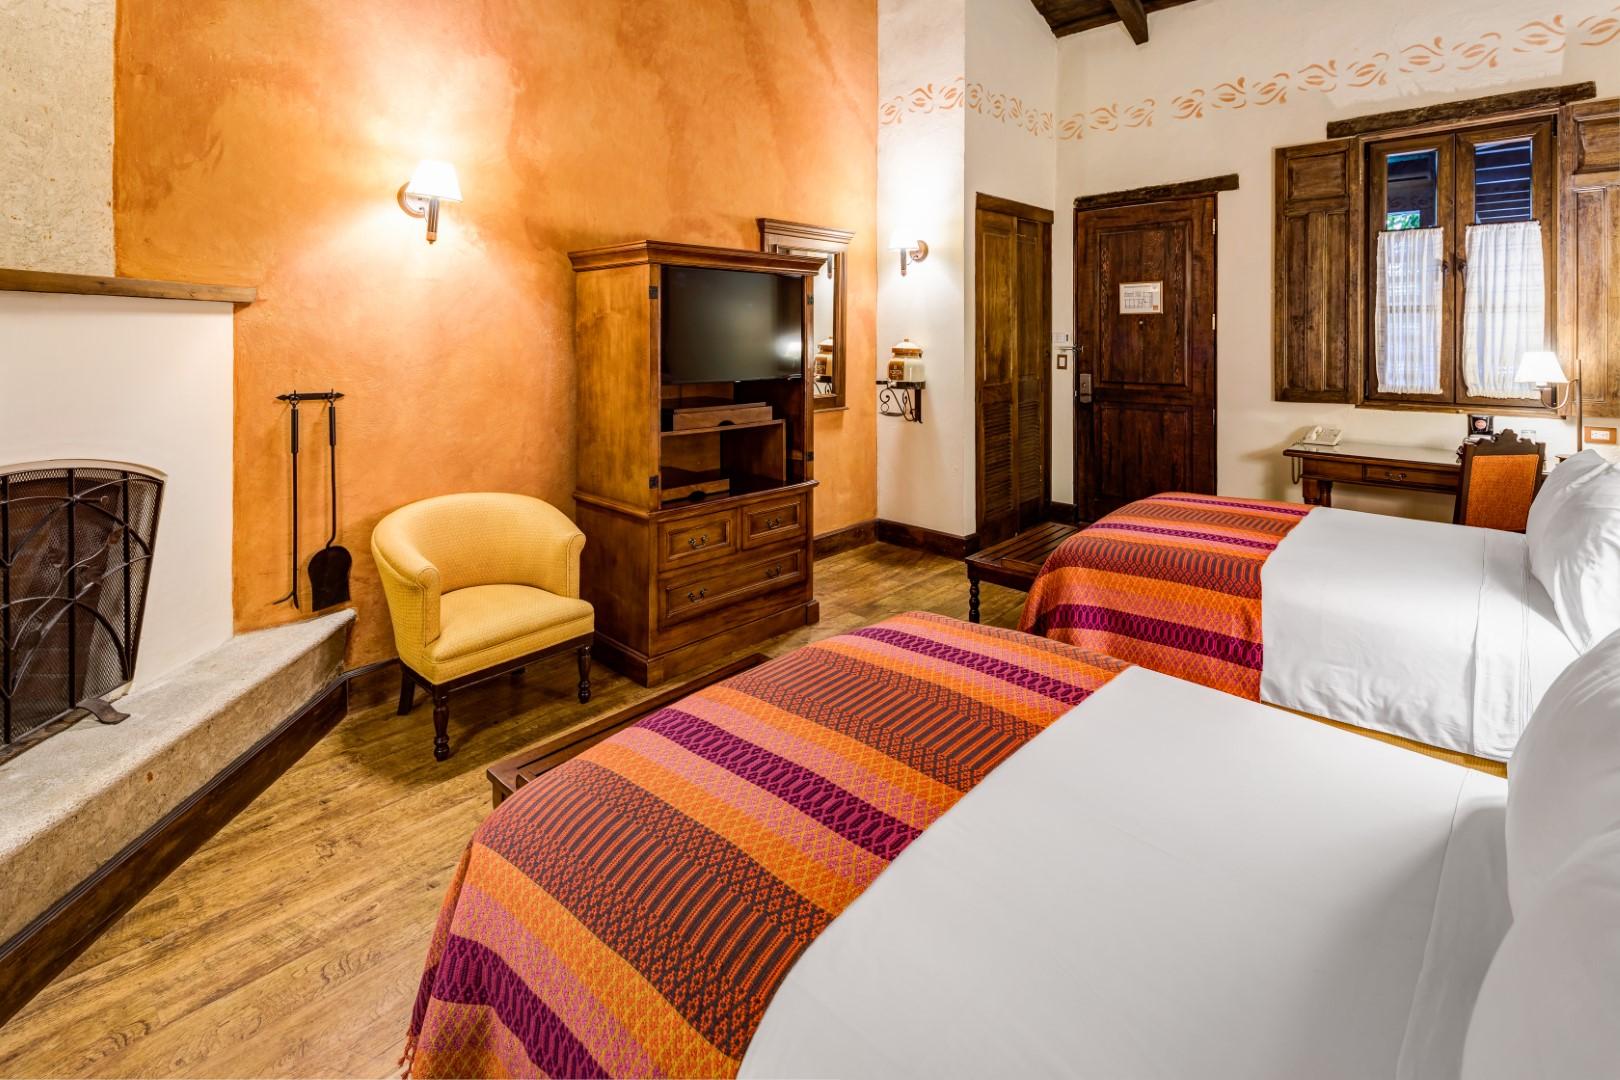 Porta_Hotel_Antigua_Hi-Res-13.jpg